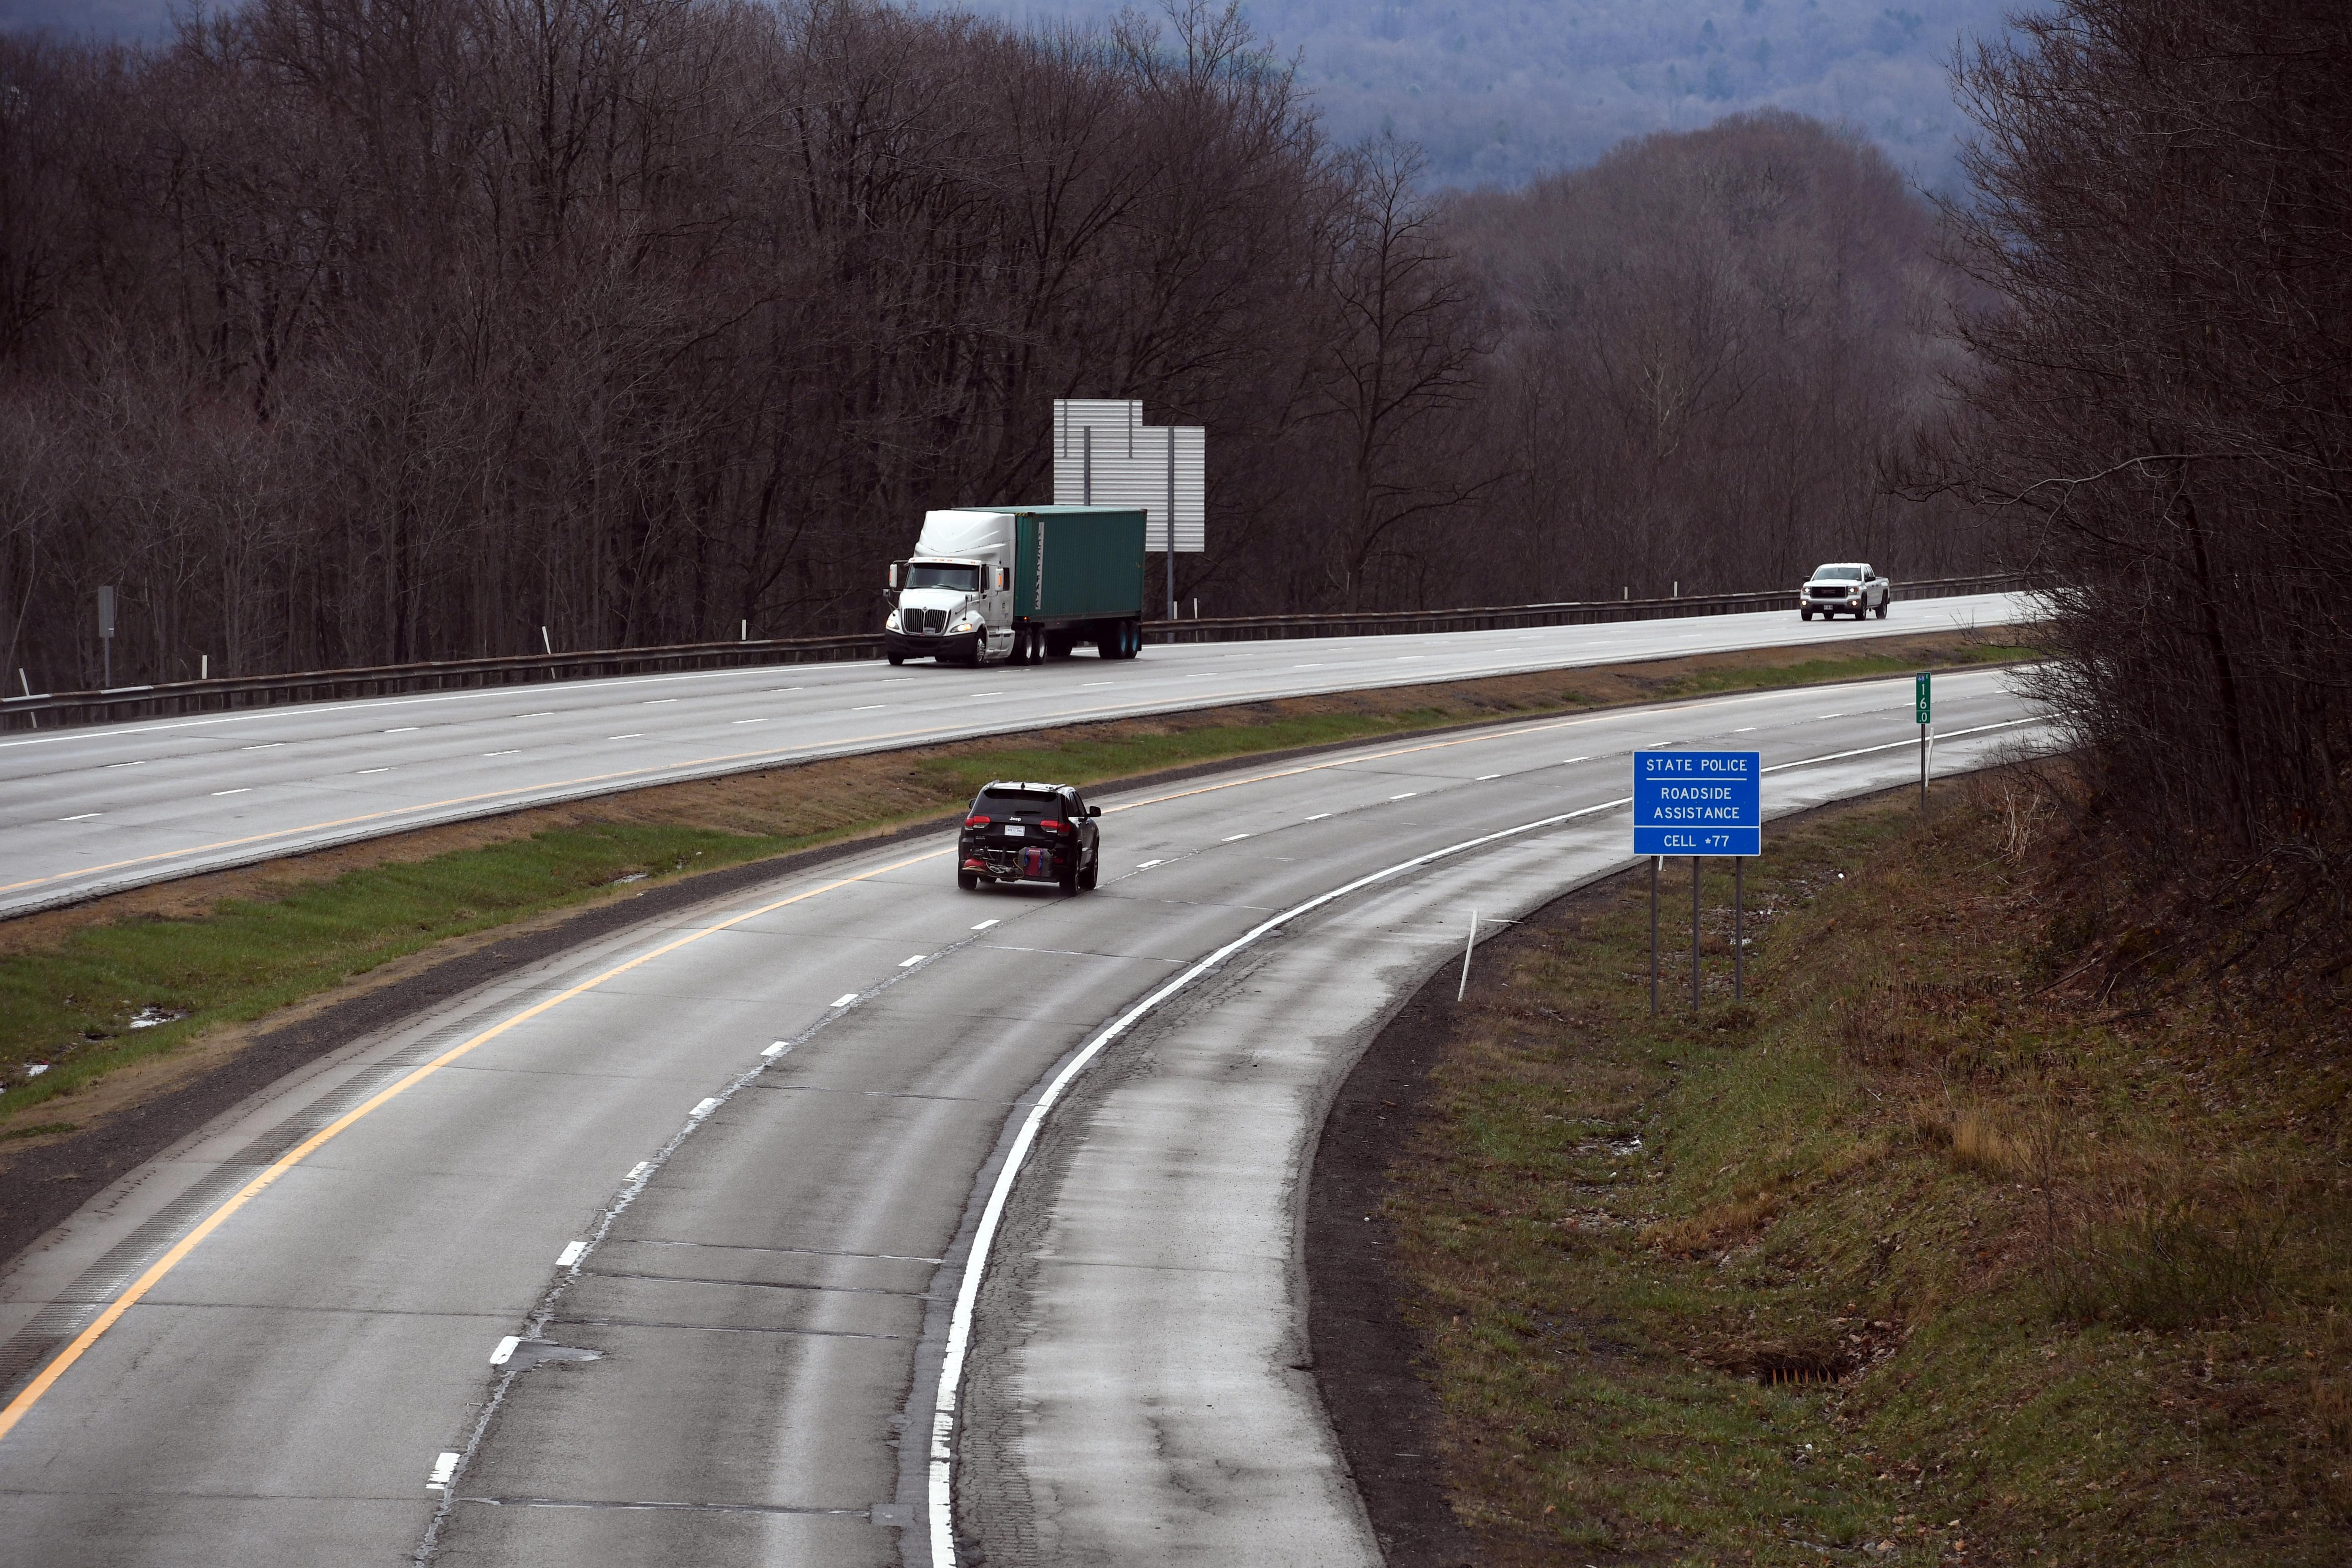 Corner of a highway